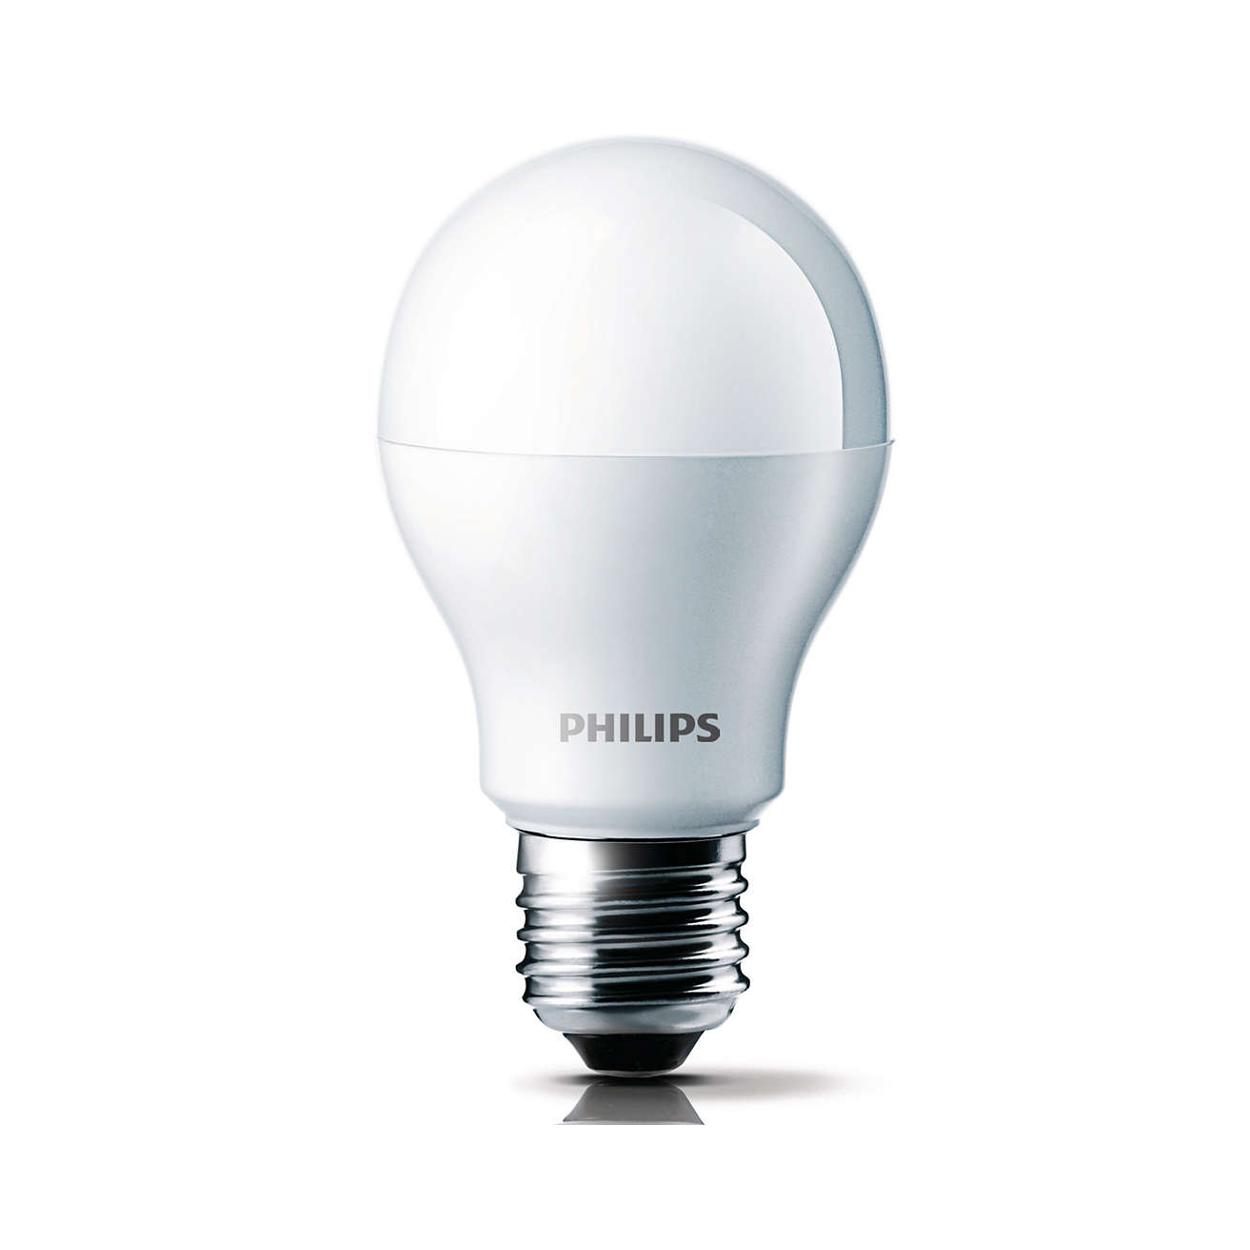 jual bohlam led philips lamp 7 watt hemat energi lifetime sampai 15 tahun cahaya terang. Black Bedroom Furniture Sets. Home Design Ideas